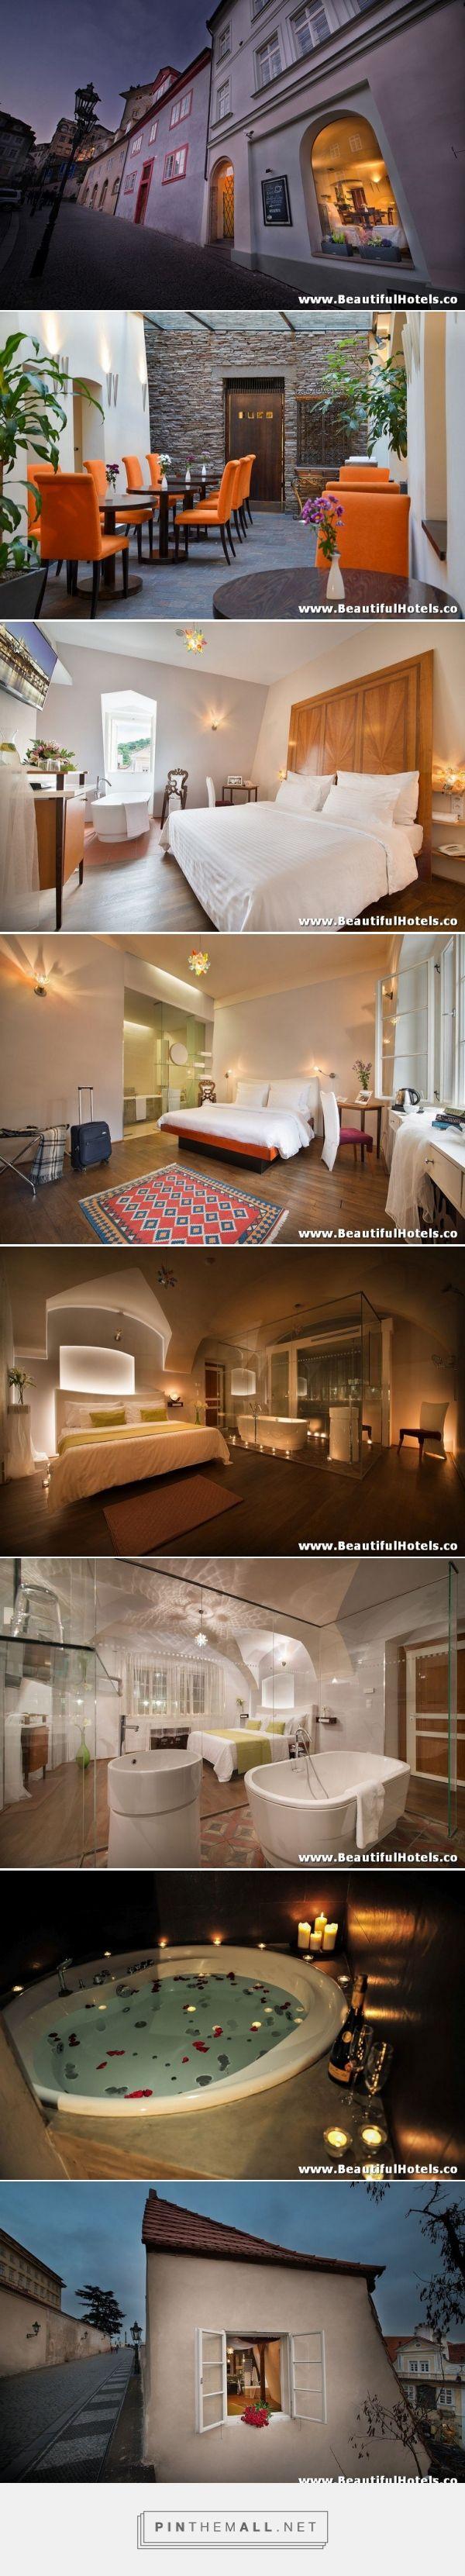 Design Hotel Neruda (Prague, Czech Republic) – Beautiful Hotels